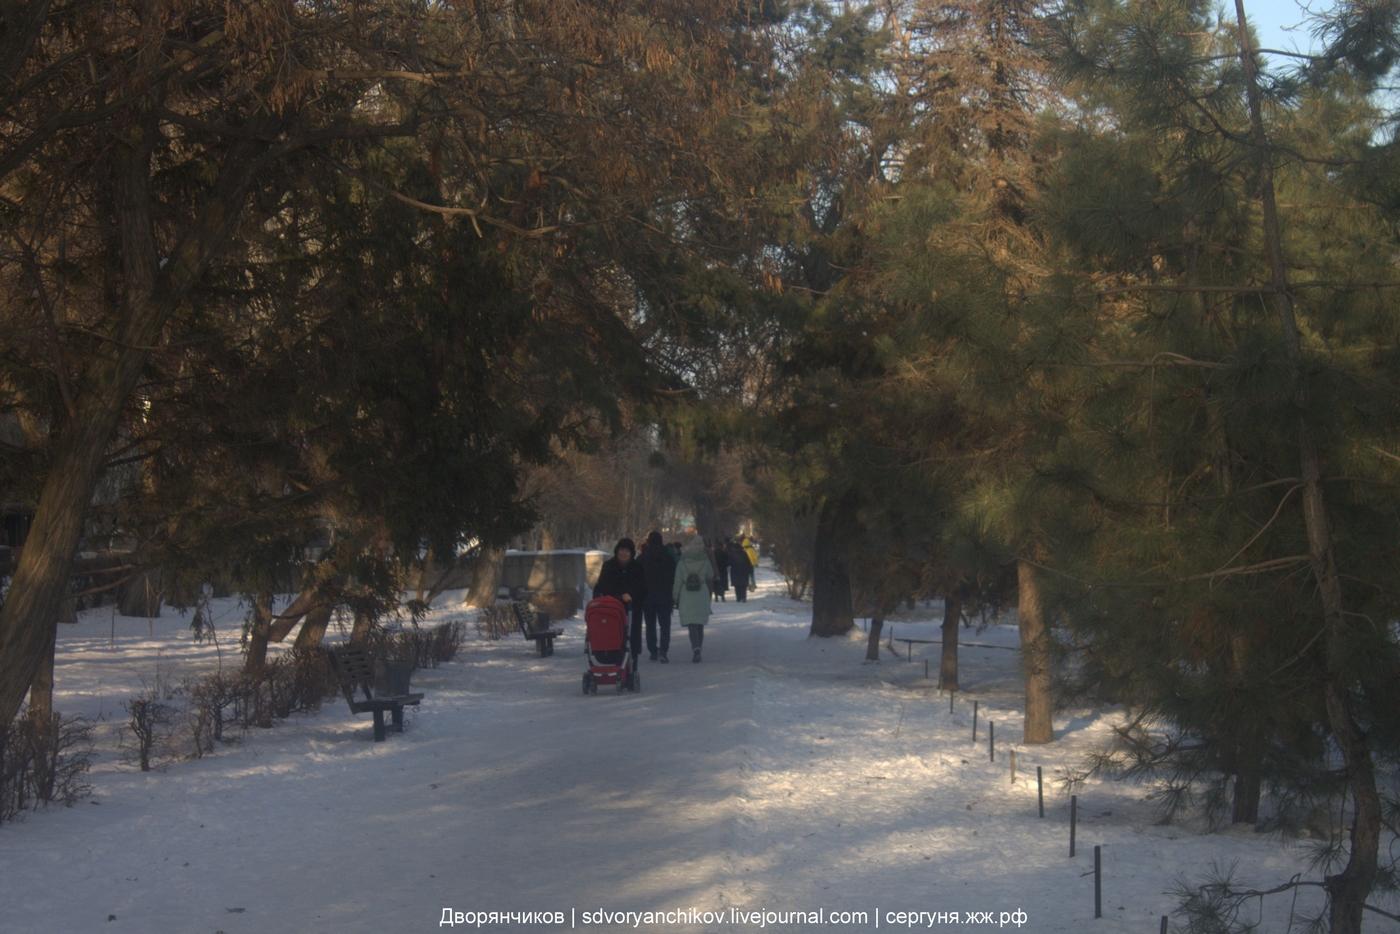 Волгоград - 2 февраля 2018 - ул Чуйкова